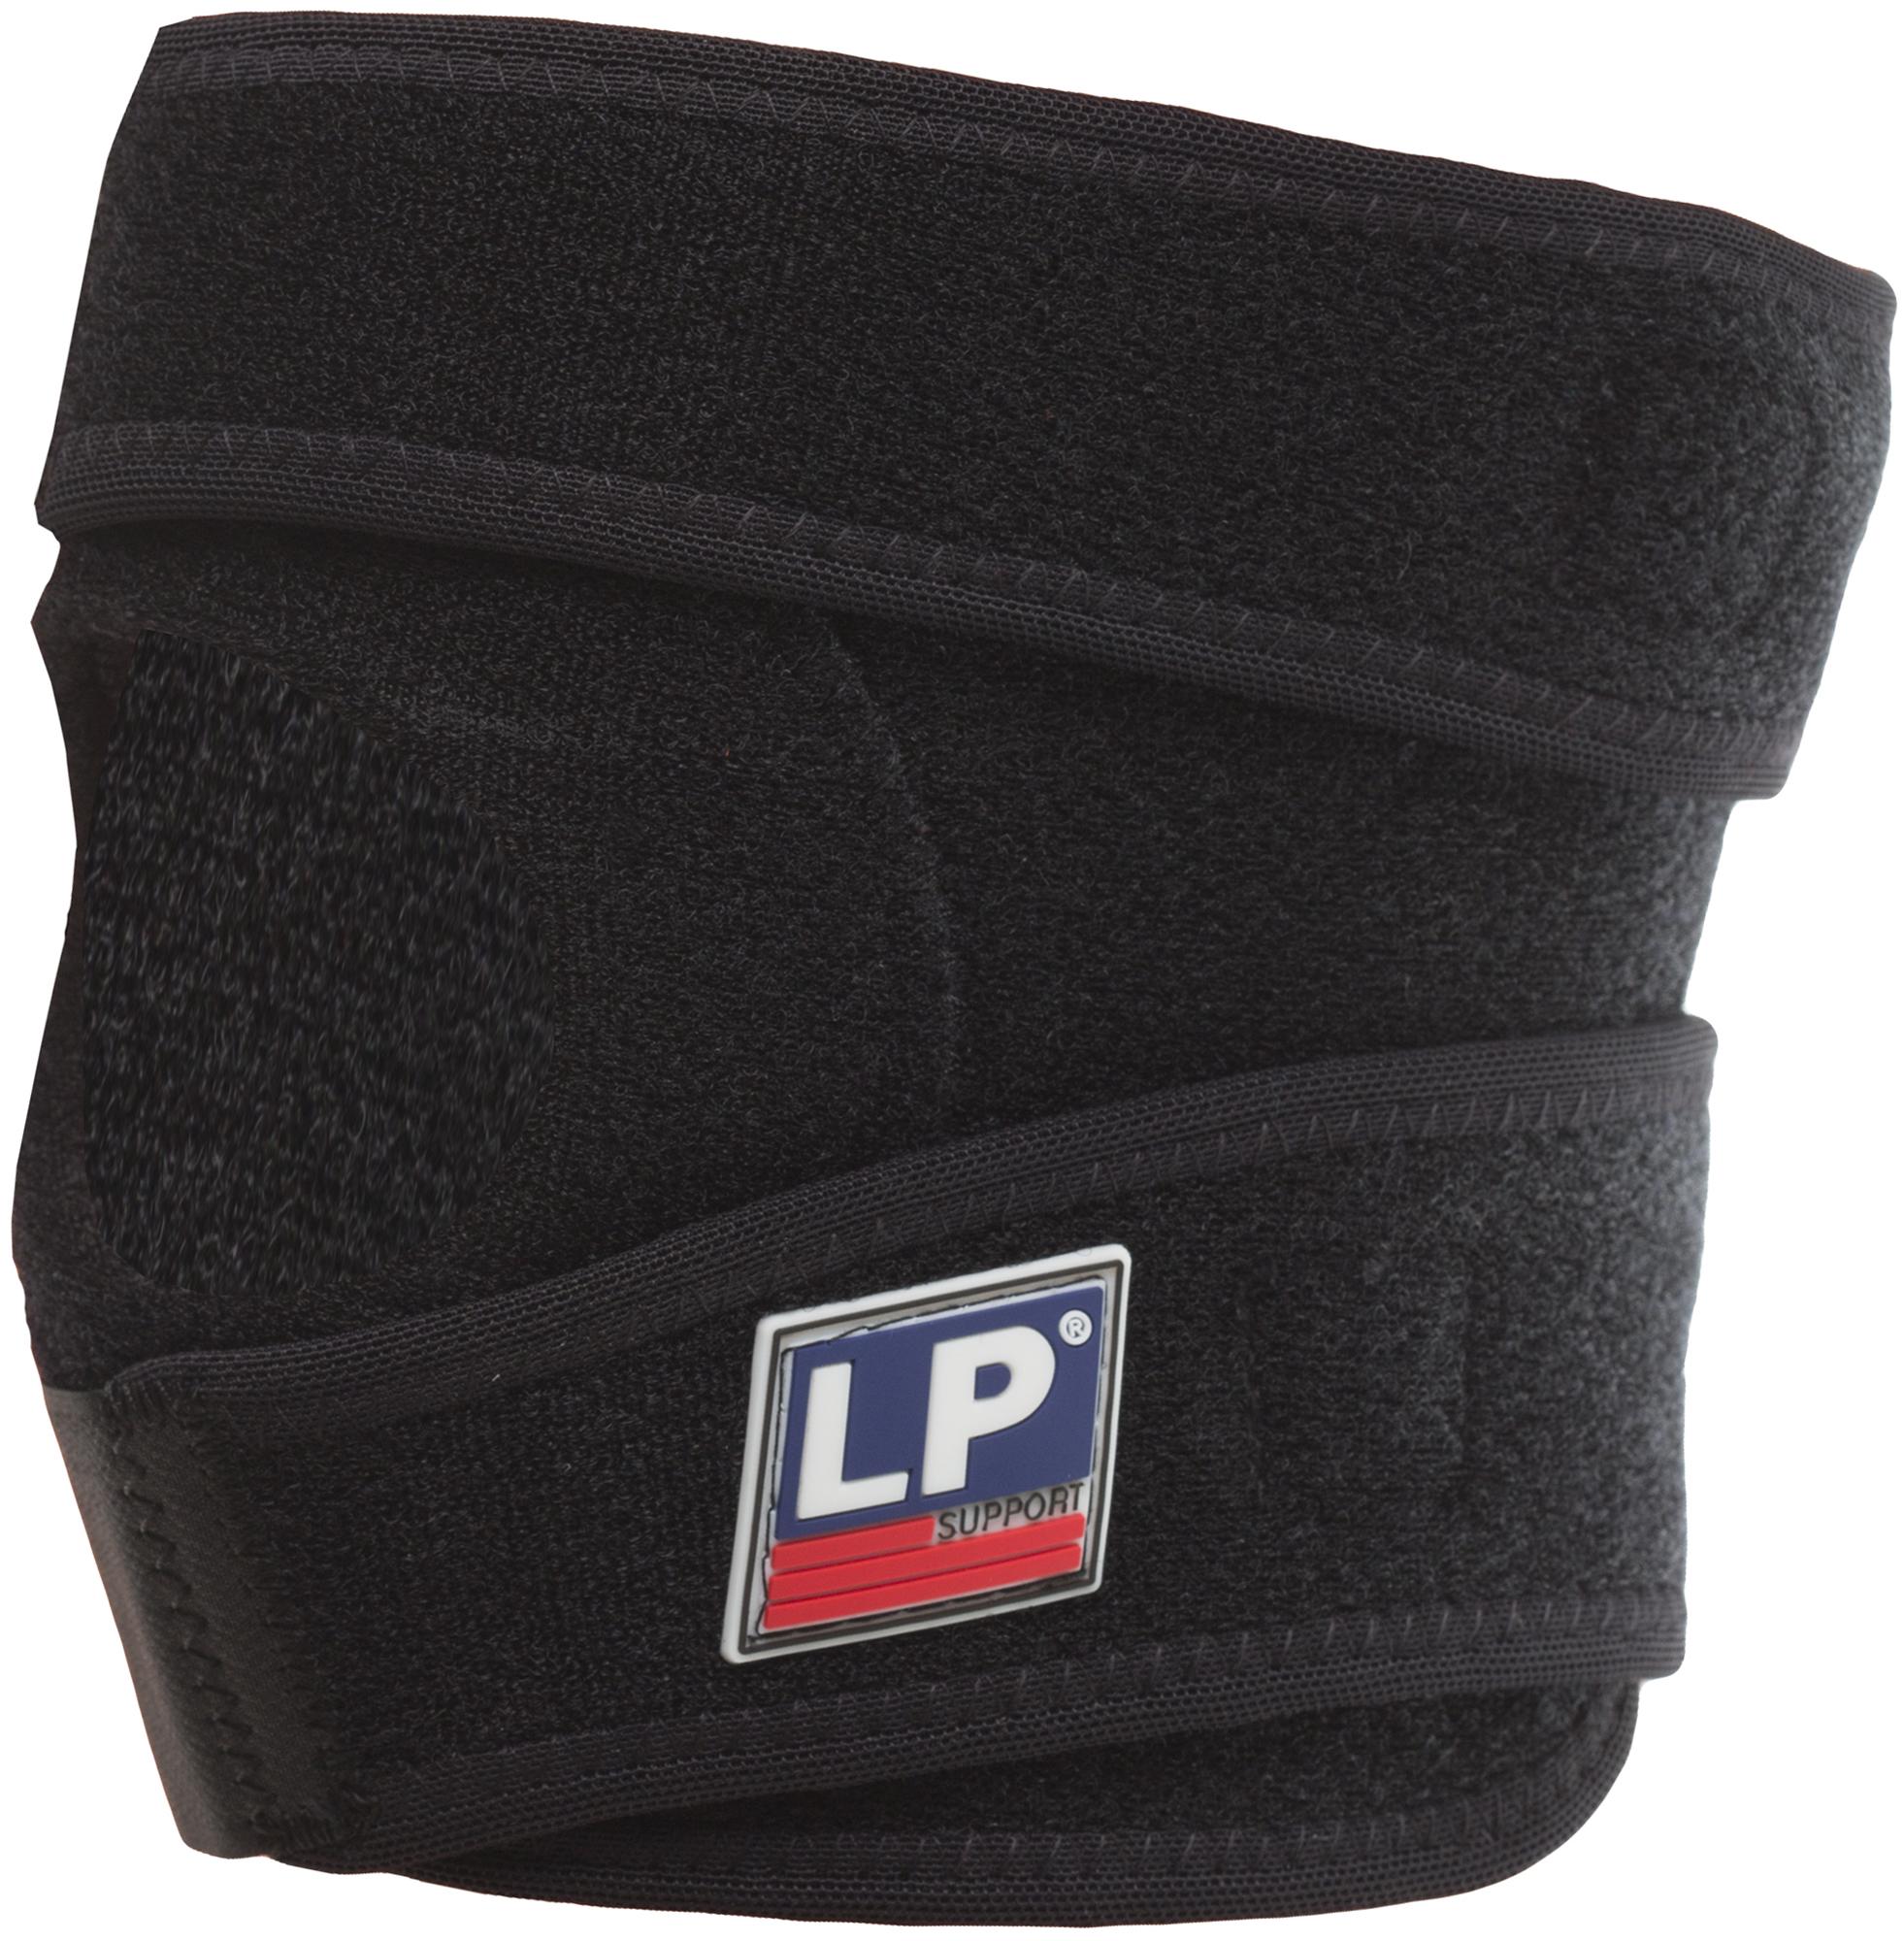 LP Support Суппорт колена LP Extreme  lp support суппорт локтя lp 751